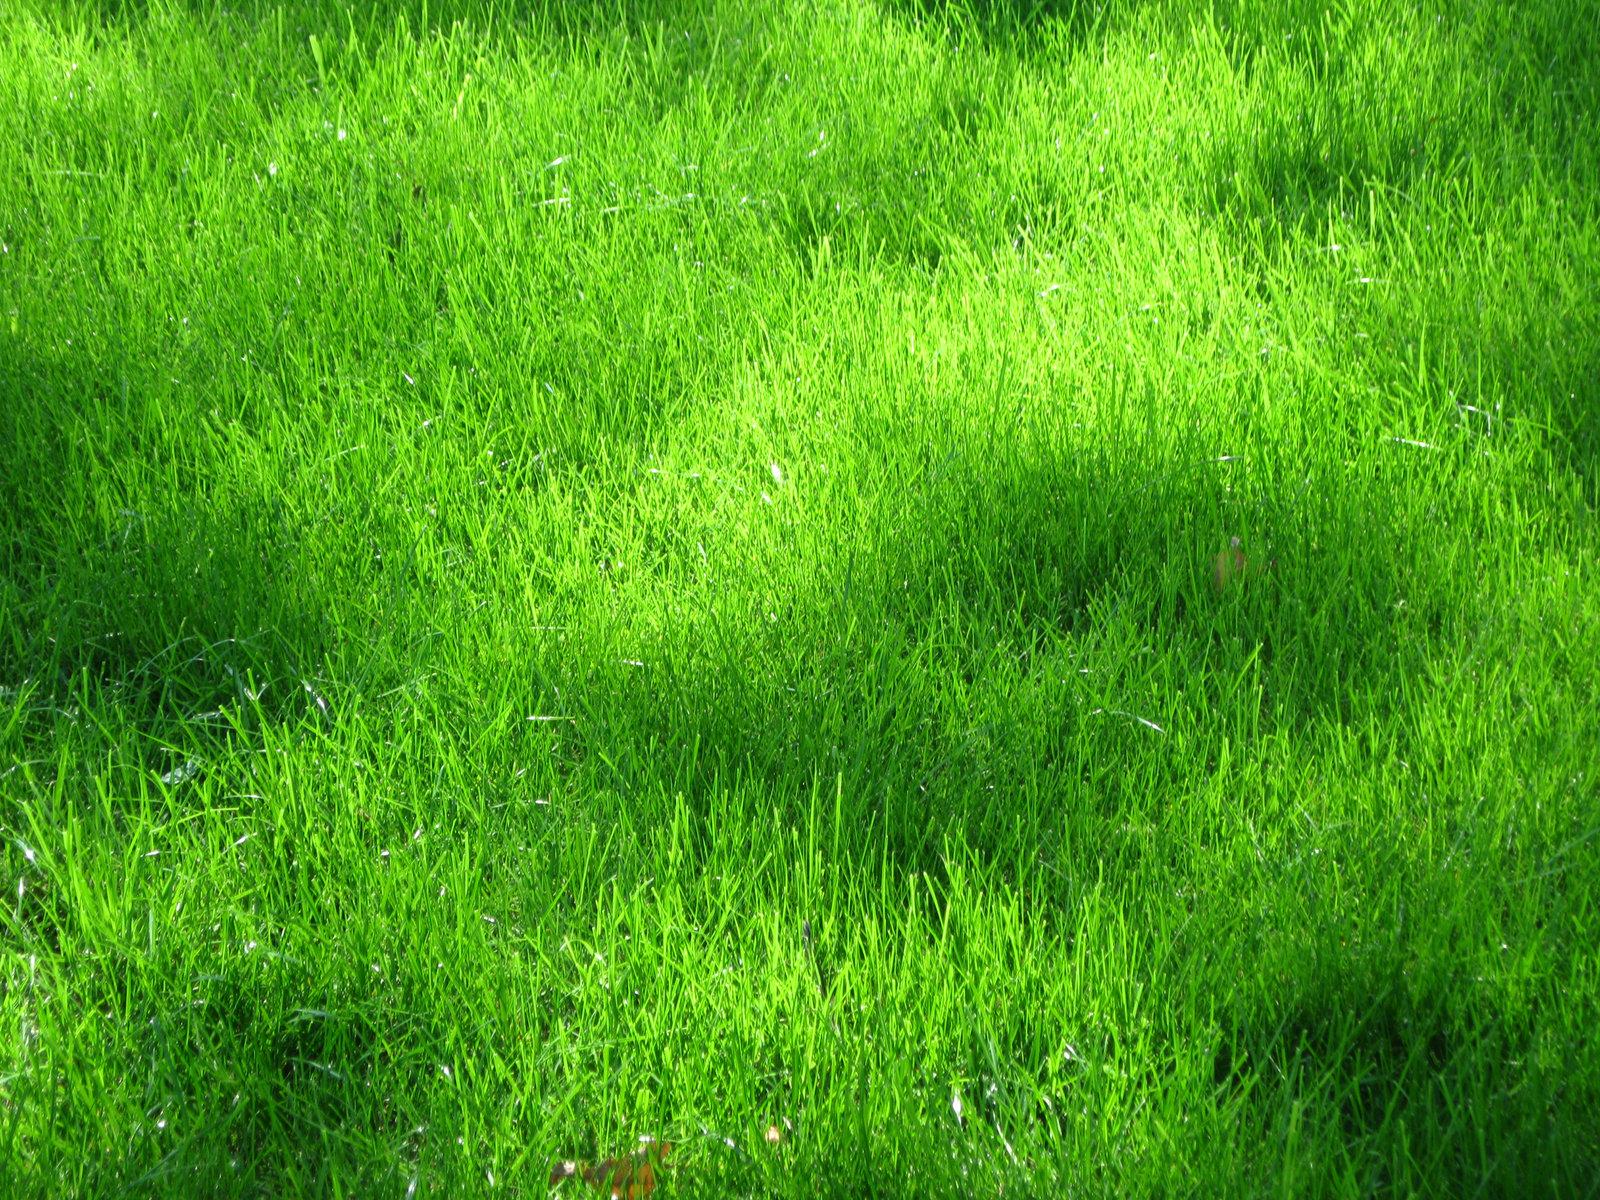 Grass, grass, texture, texture and backgrounds grass, green.